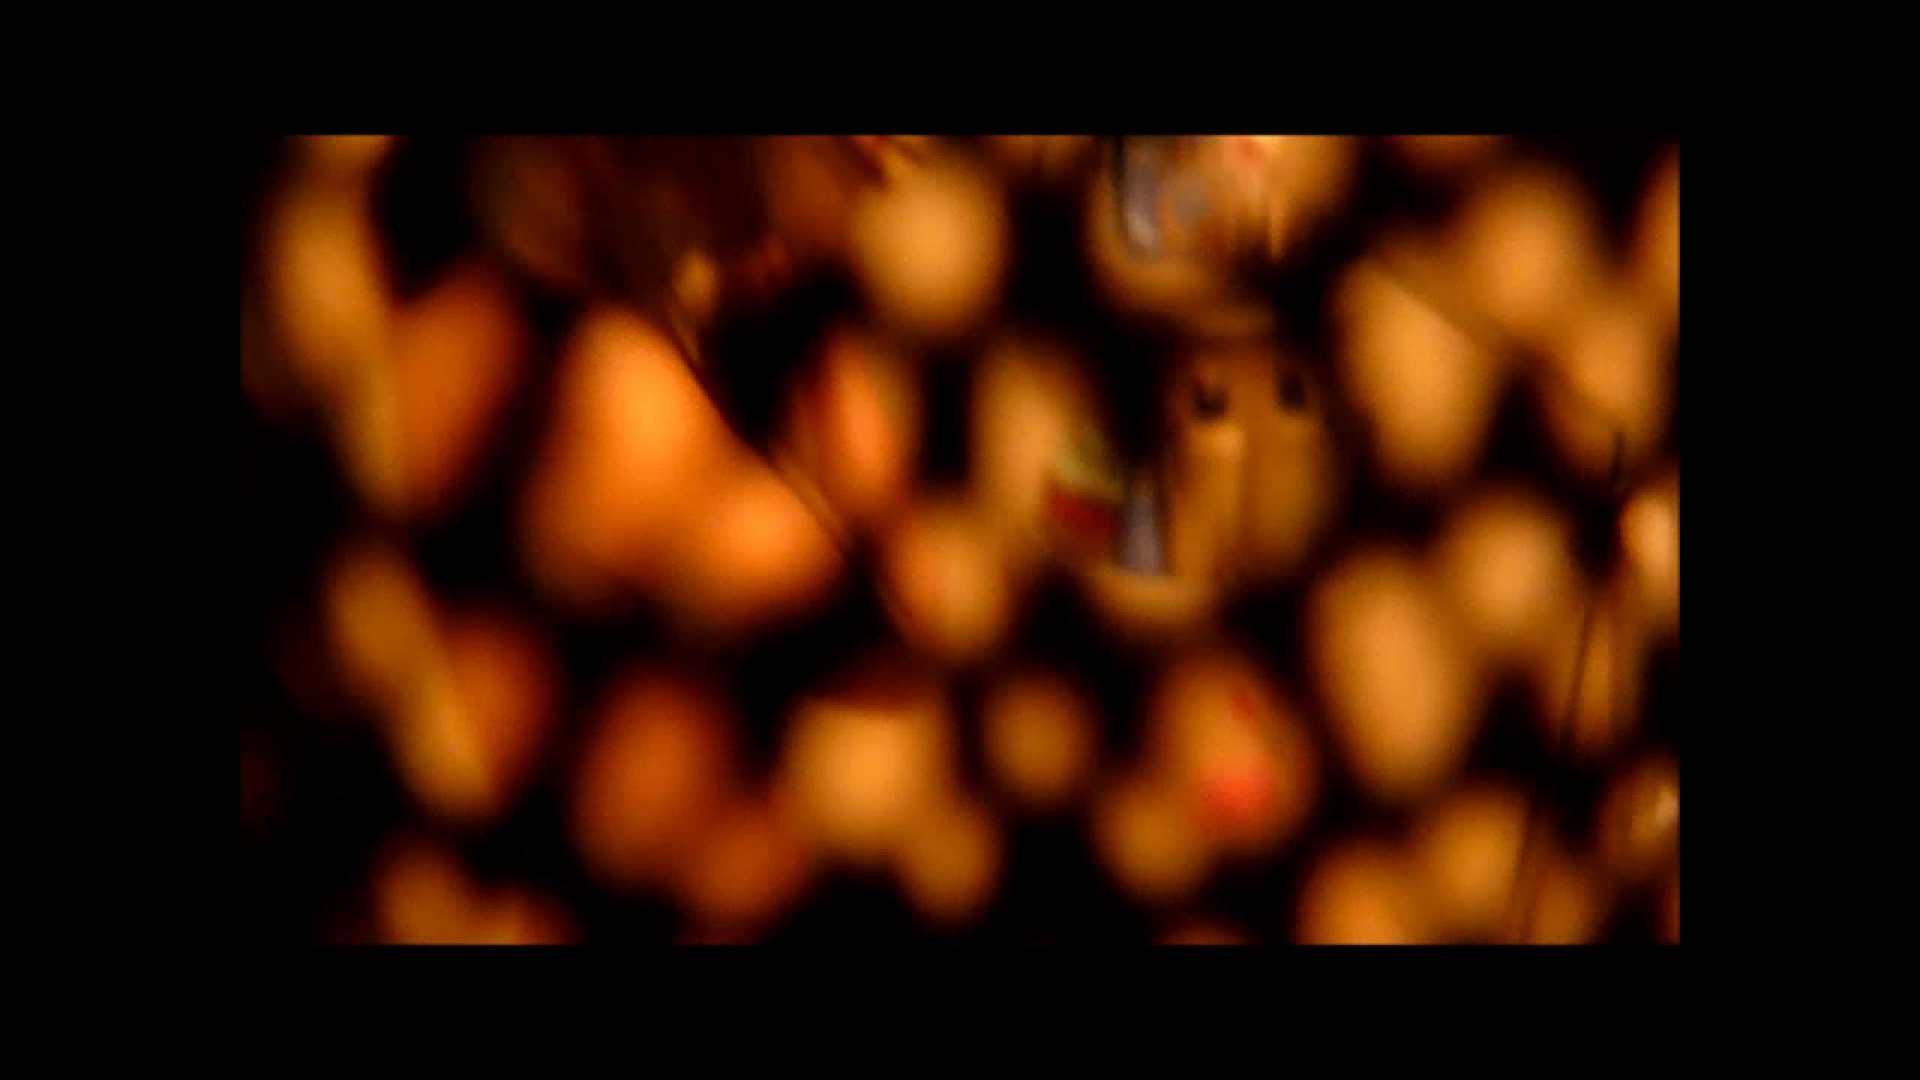 【02】ベランダに侵入して張り込みを始めて・・・やっと結果が出ました。 家宅侵入 | 0  82画像 12